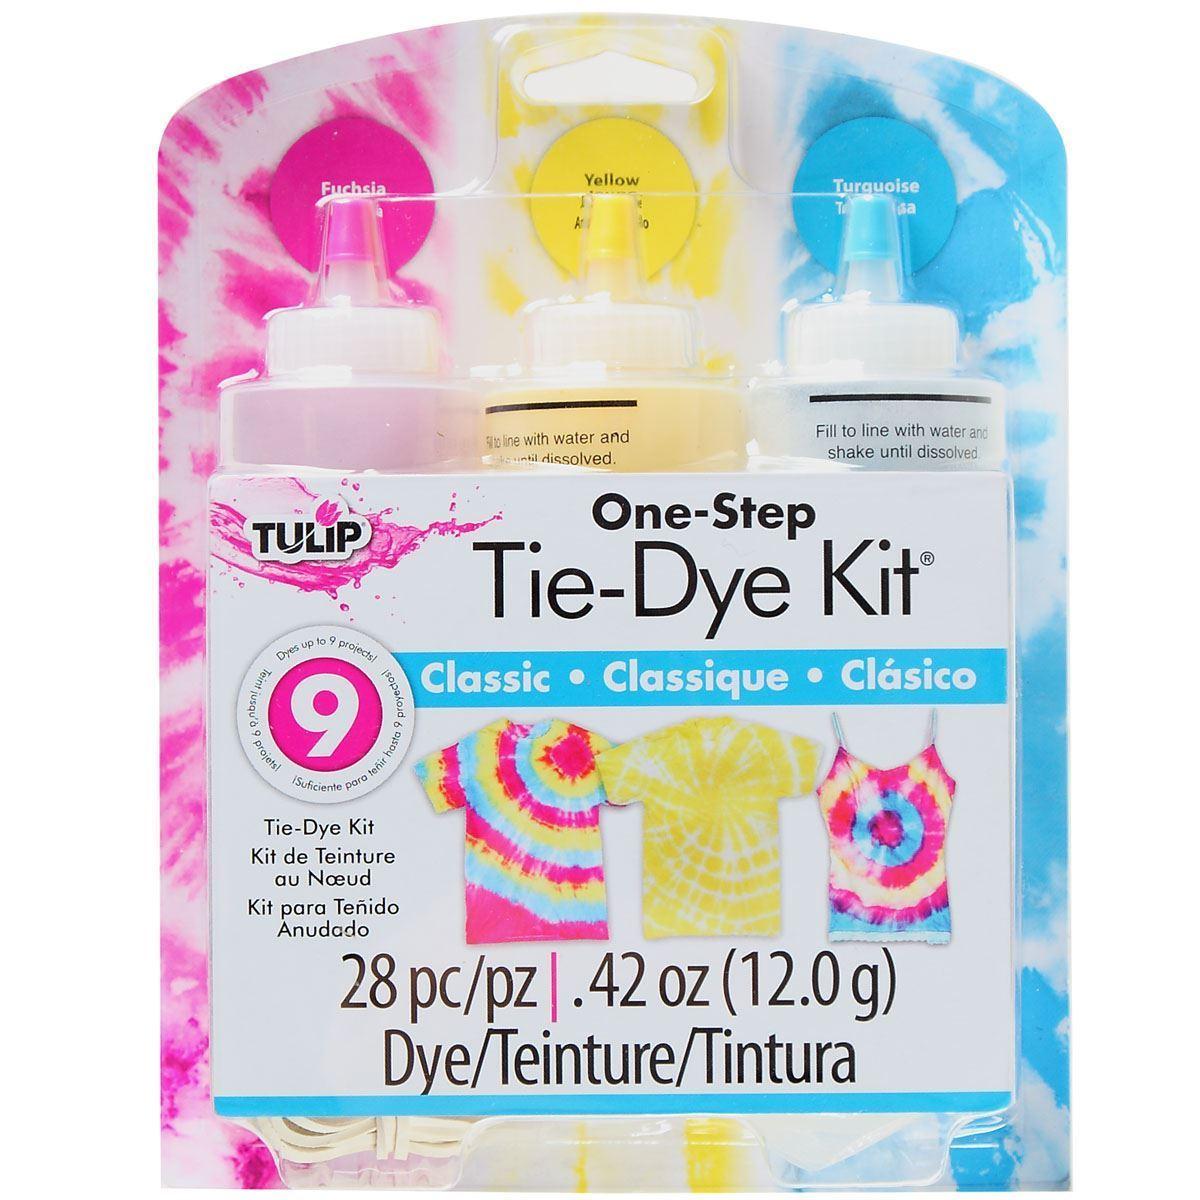 Classic 3-Color Tie-Dye Kit